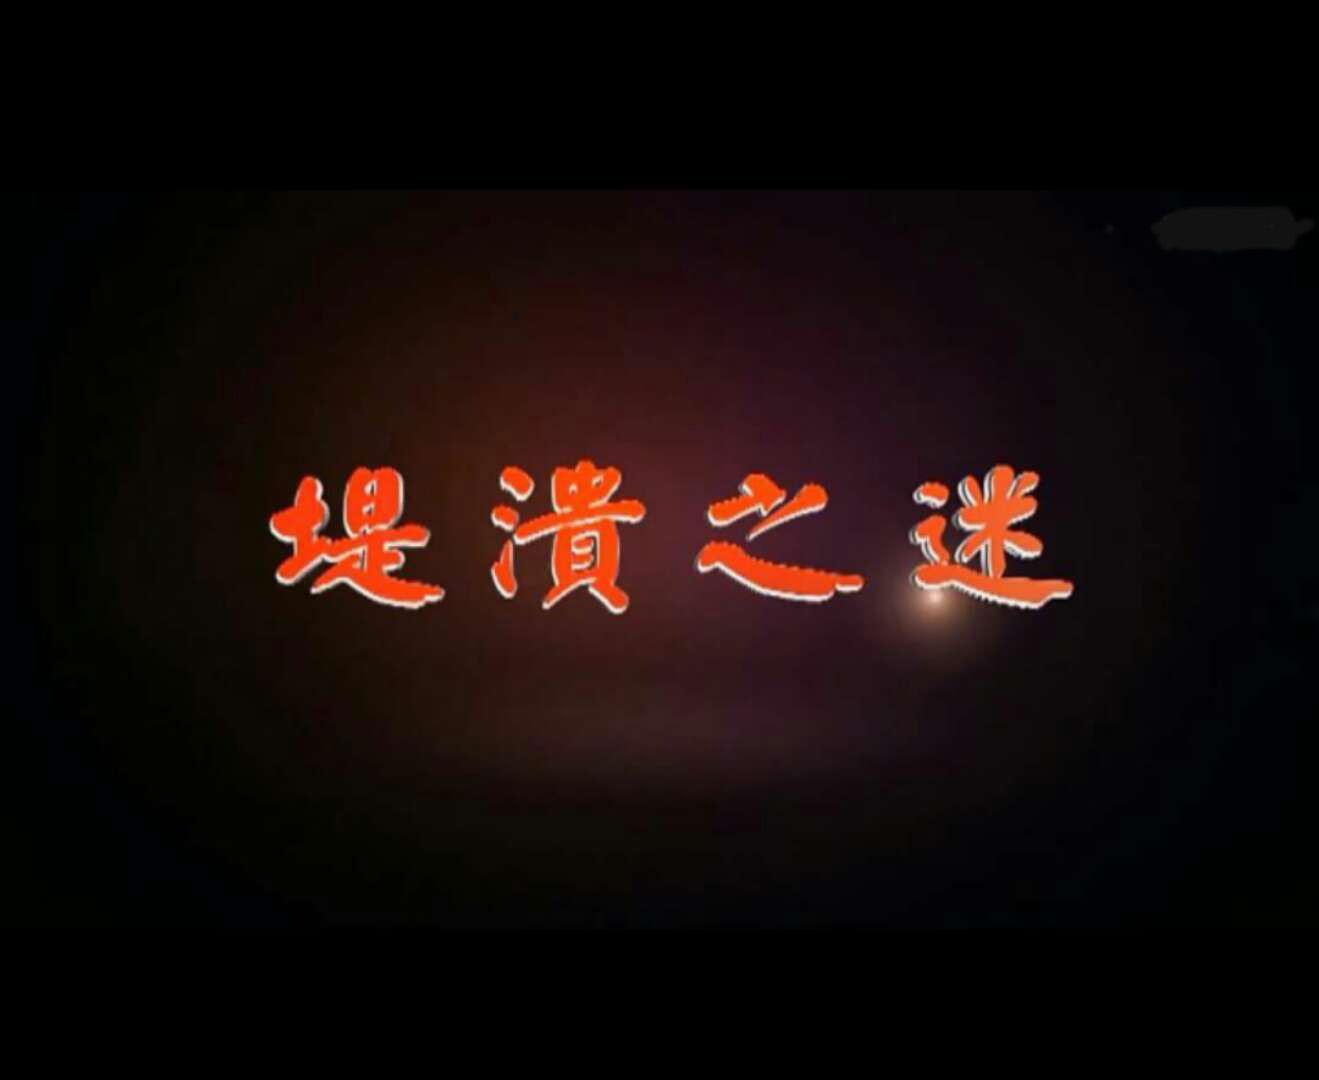 息烽县人民检察院预防职务犯罪微电影